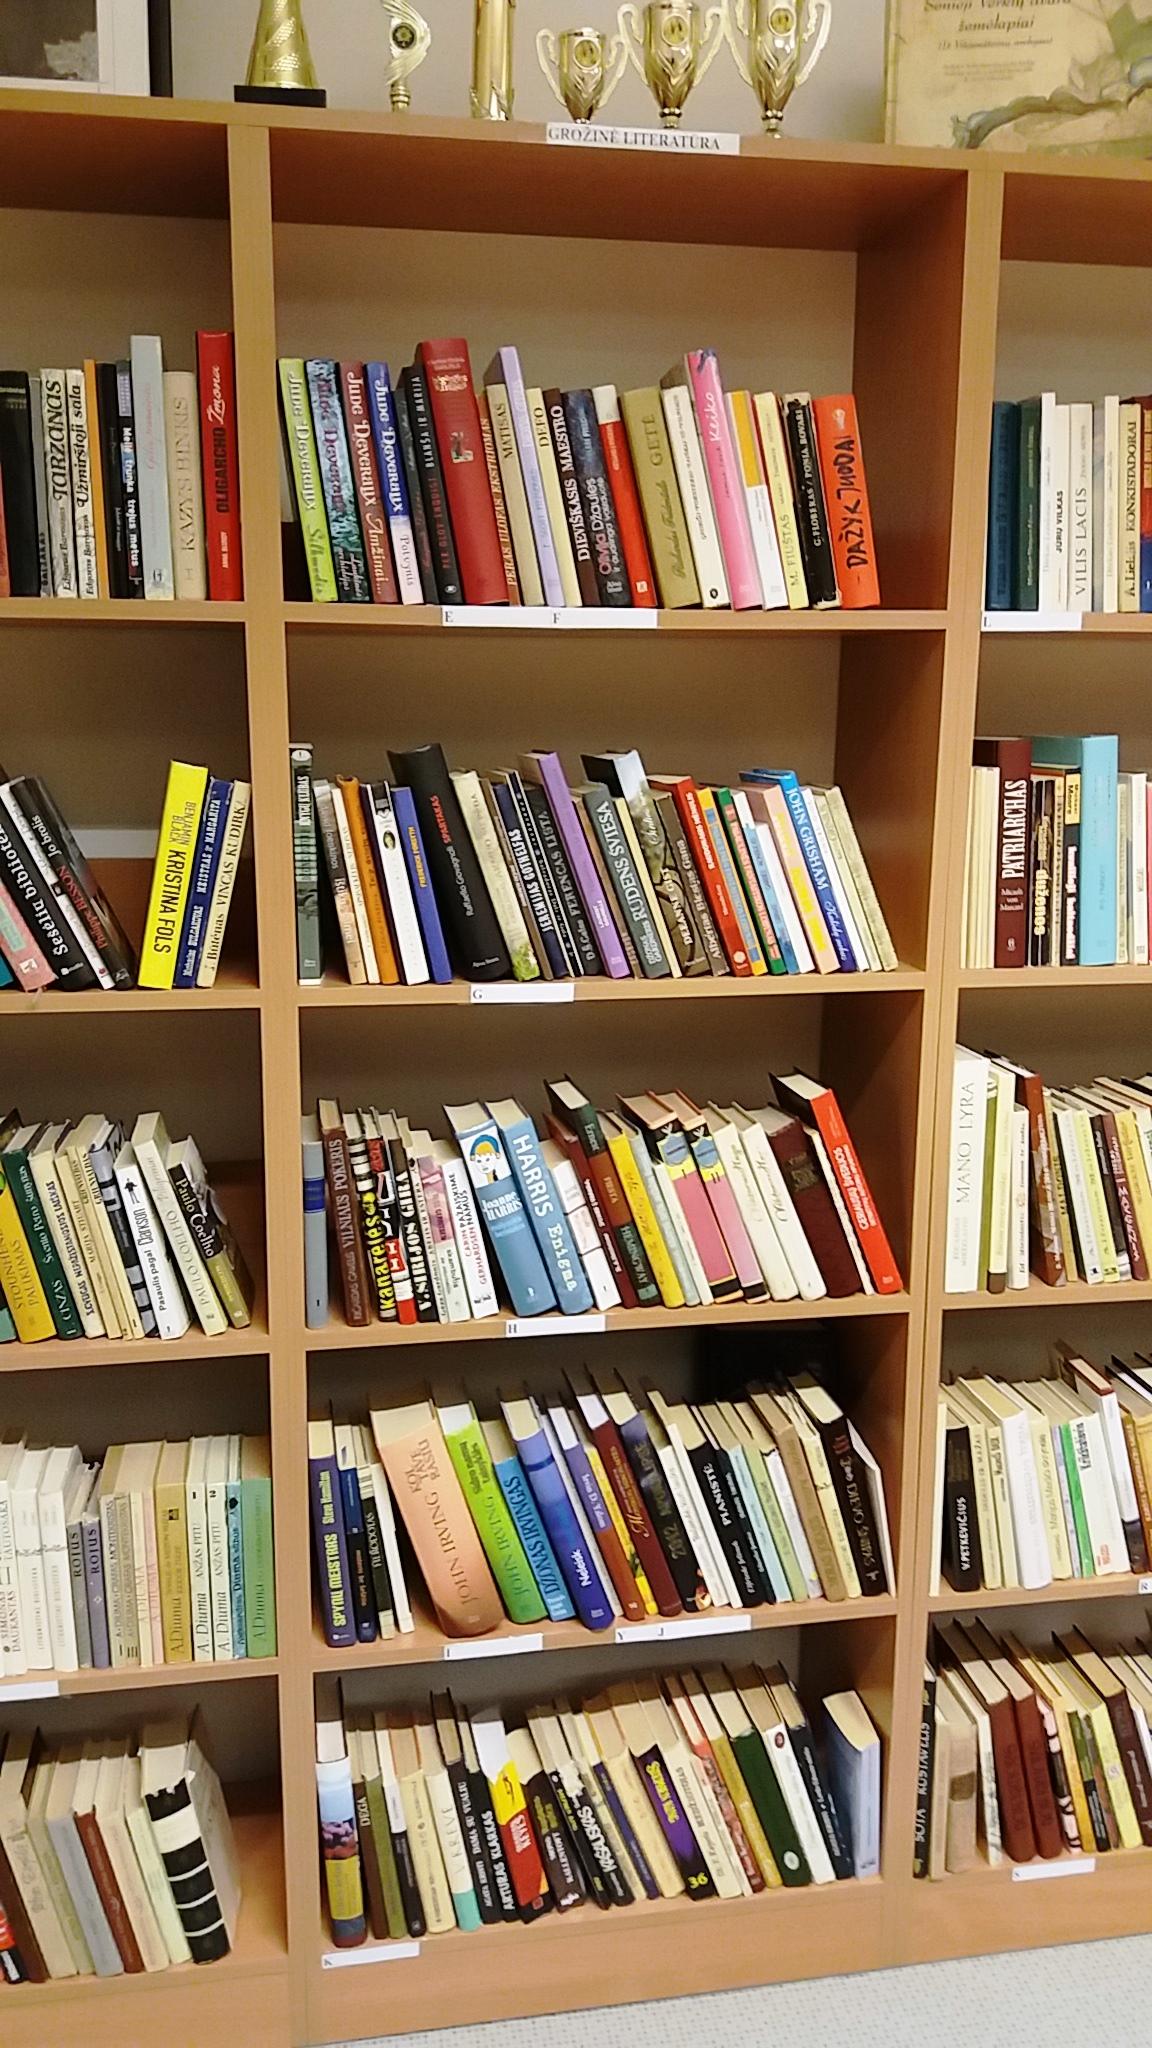 Balsių atvirosios bibliotekėlės knygų sąrašas